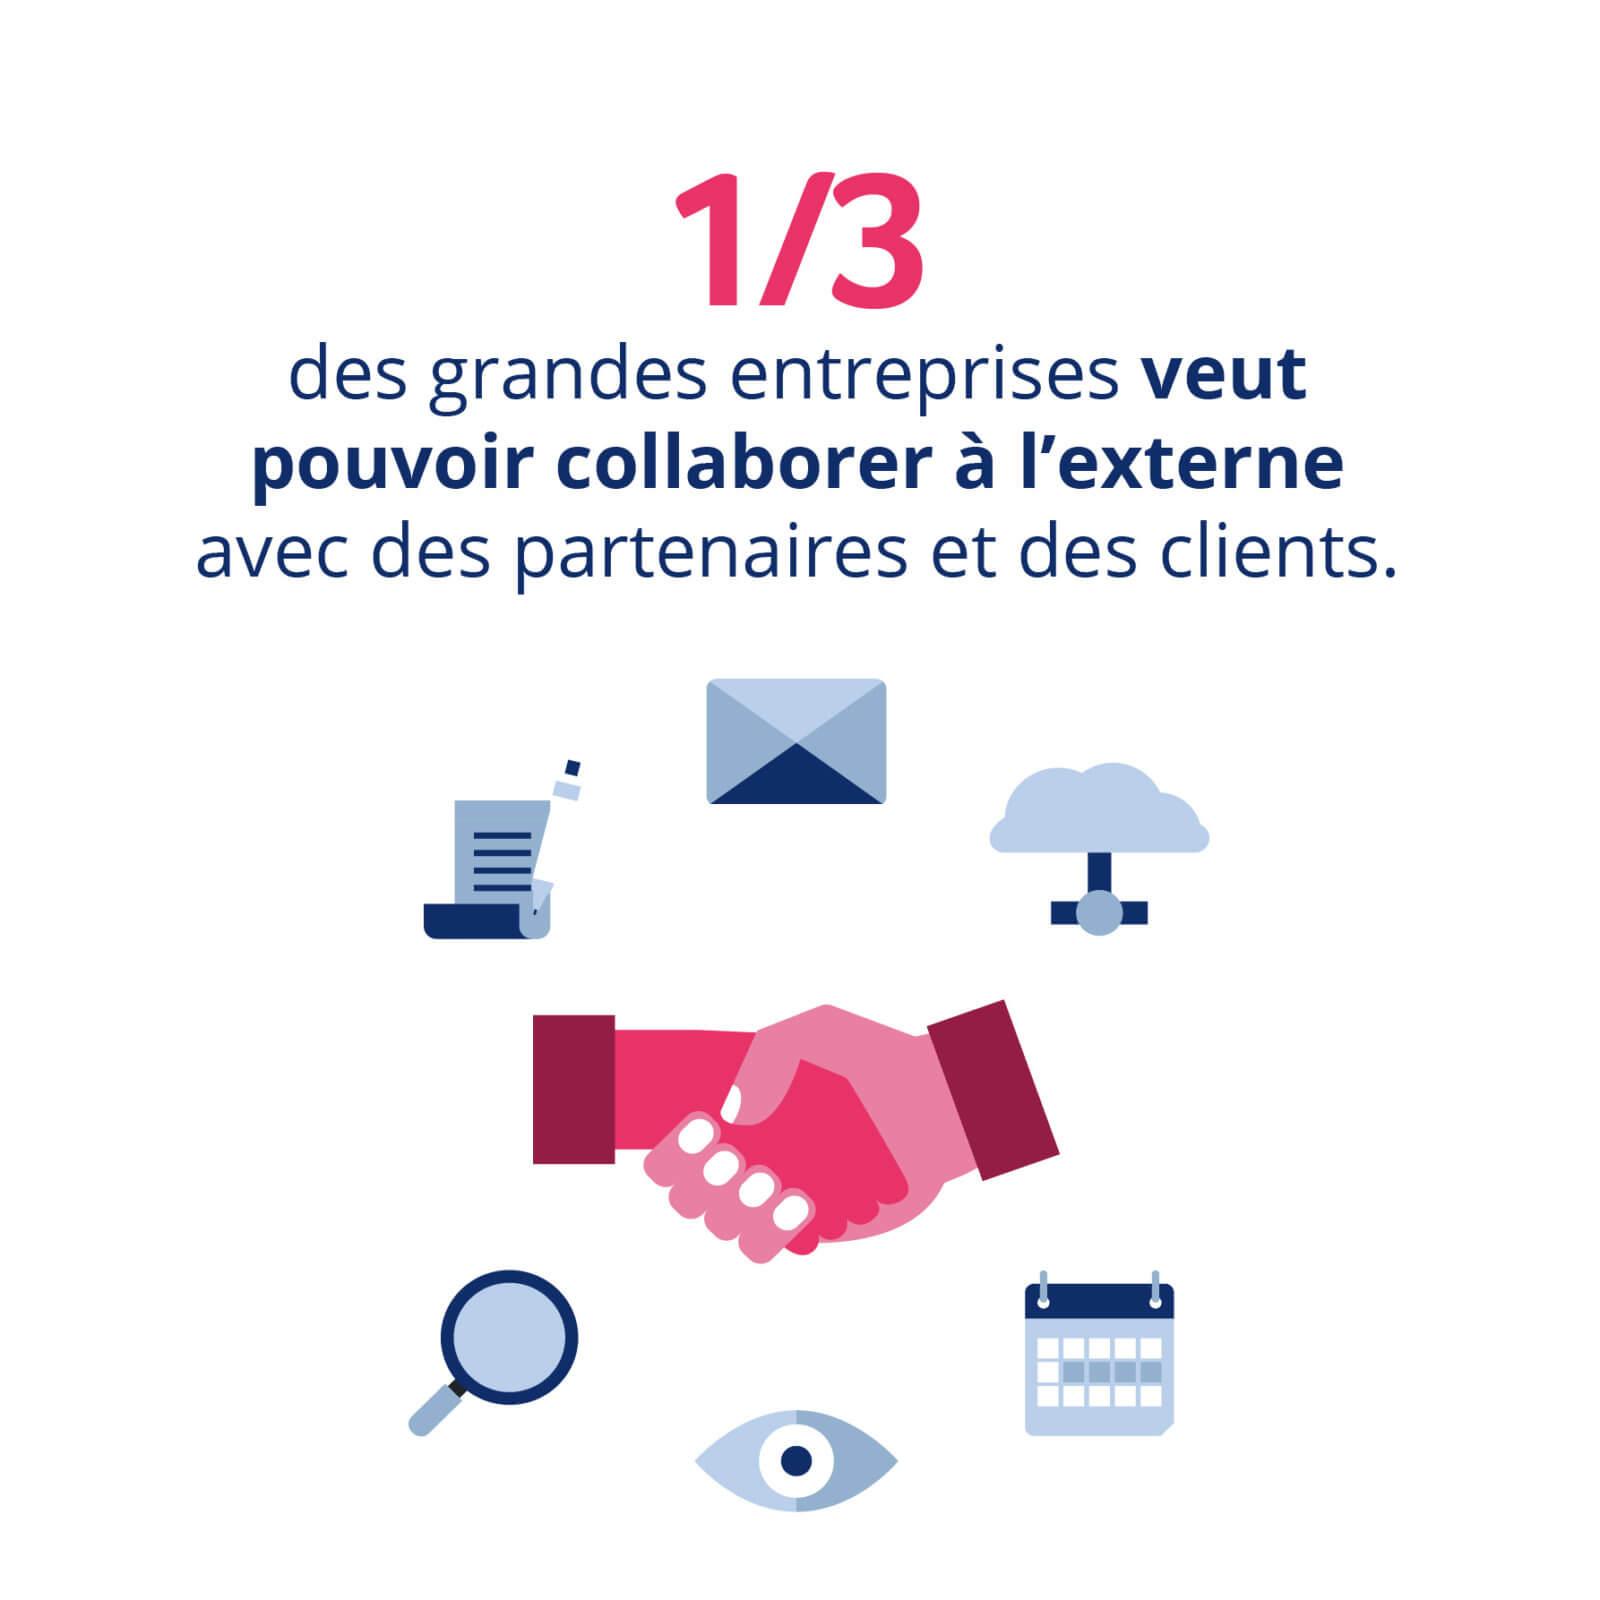 1/3 des grandes entreprises veut pouvoir collaborer à l'externe avec des partenaires et des clients